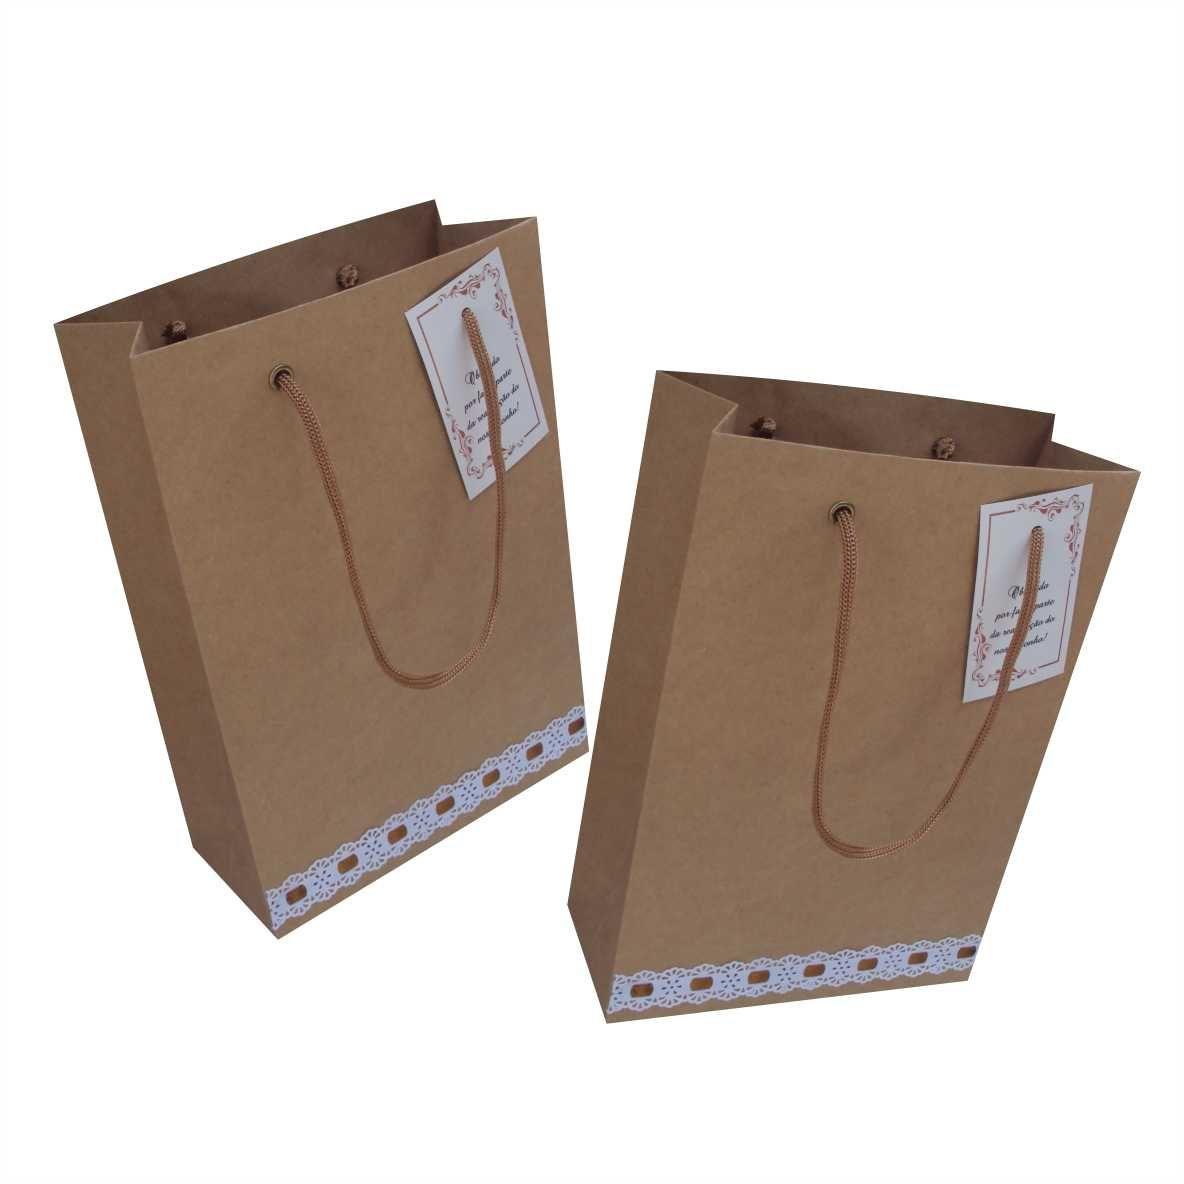 Sacola de  papel kraft para lembrança de casamento (18x25x8 cm) 10 unidades